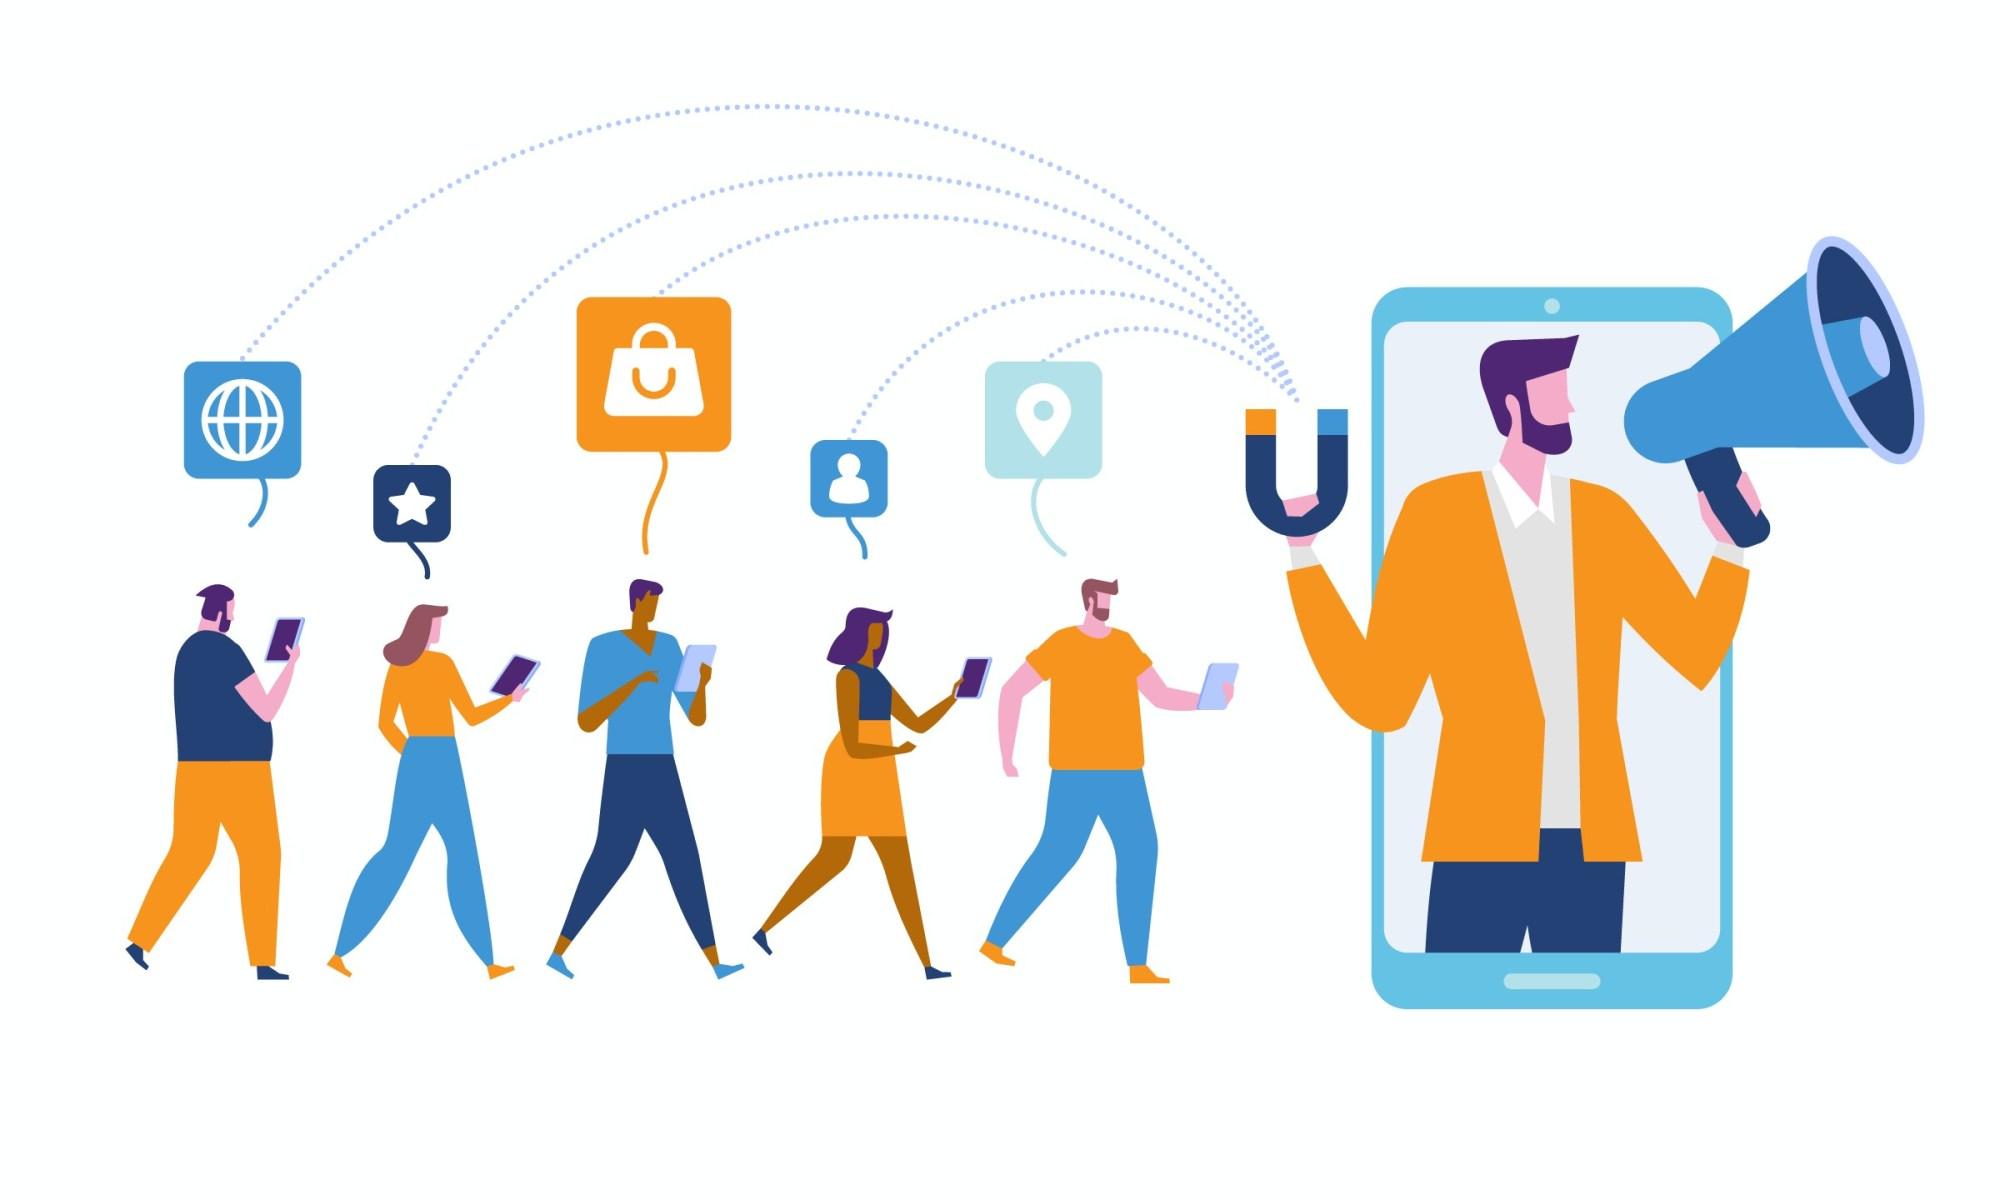 8 xu hướng sống còn của digital marketing ở Việt Nam trong năm 2020 - 4